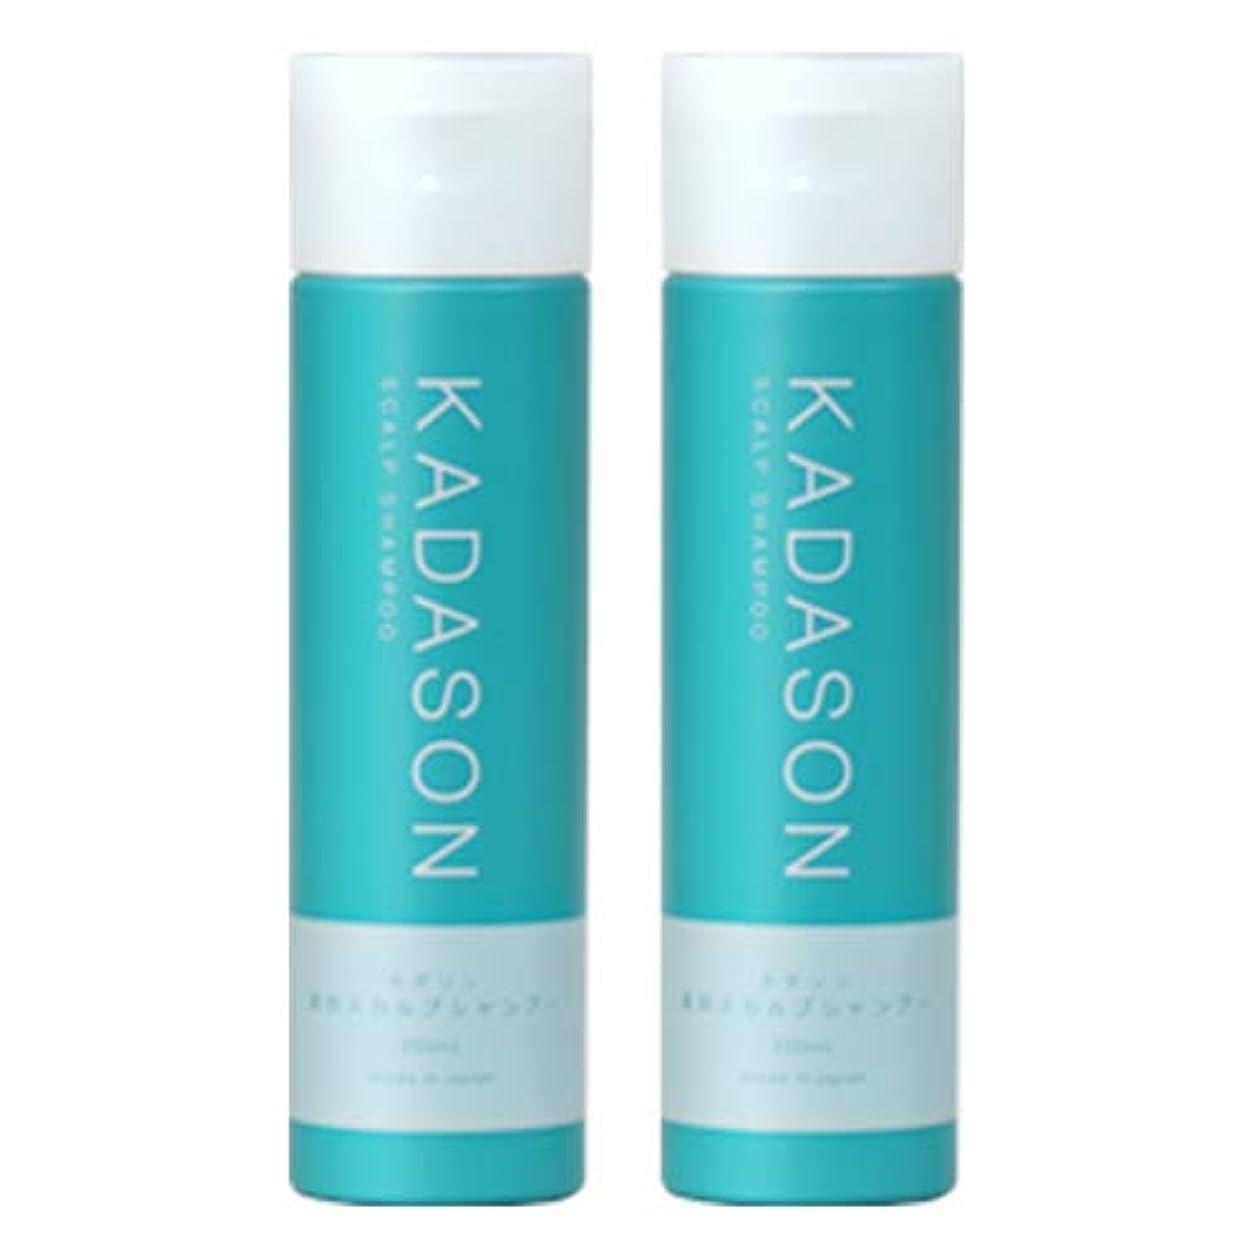 年金憤る緯度[ 医薬部外品 ] KADASON (カダソン) スカルプ シャンプー 2本セット (各250ml / 脂漏肌) オイリー肌 脂性肌 薬用シャンプー 天然由来成分 (日本製)